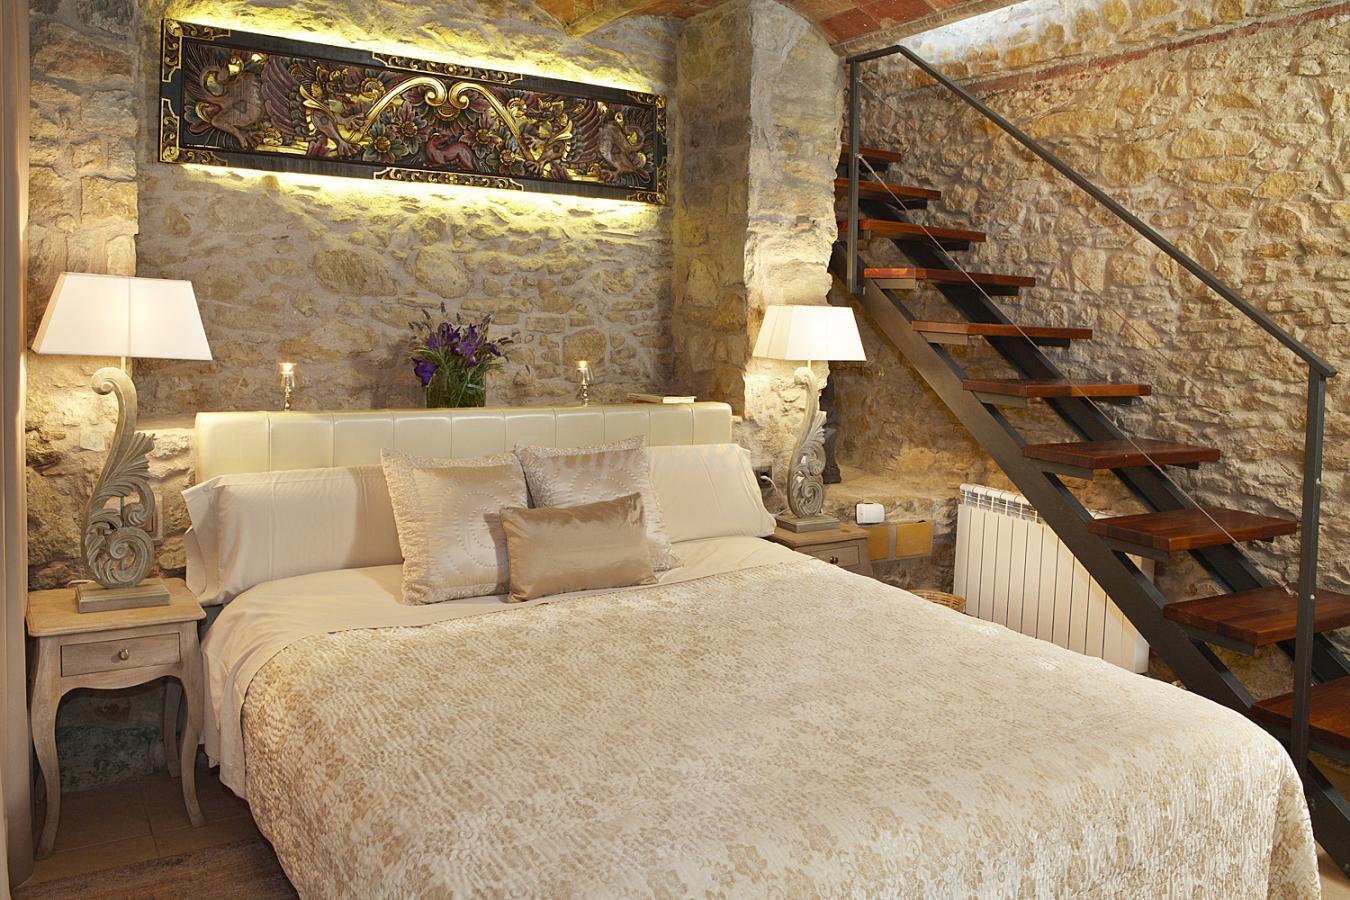 Fotos de hotel con encanto el rac de madremanya casa - Fotos casas rurales con encanto ...